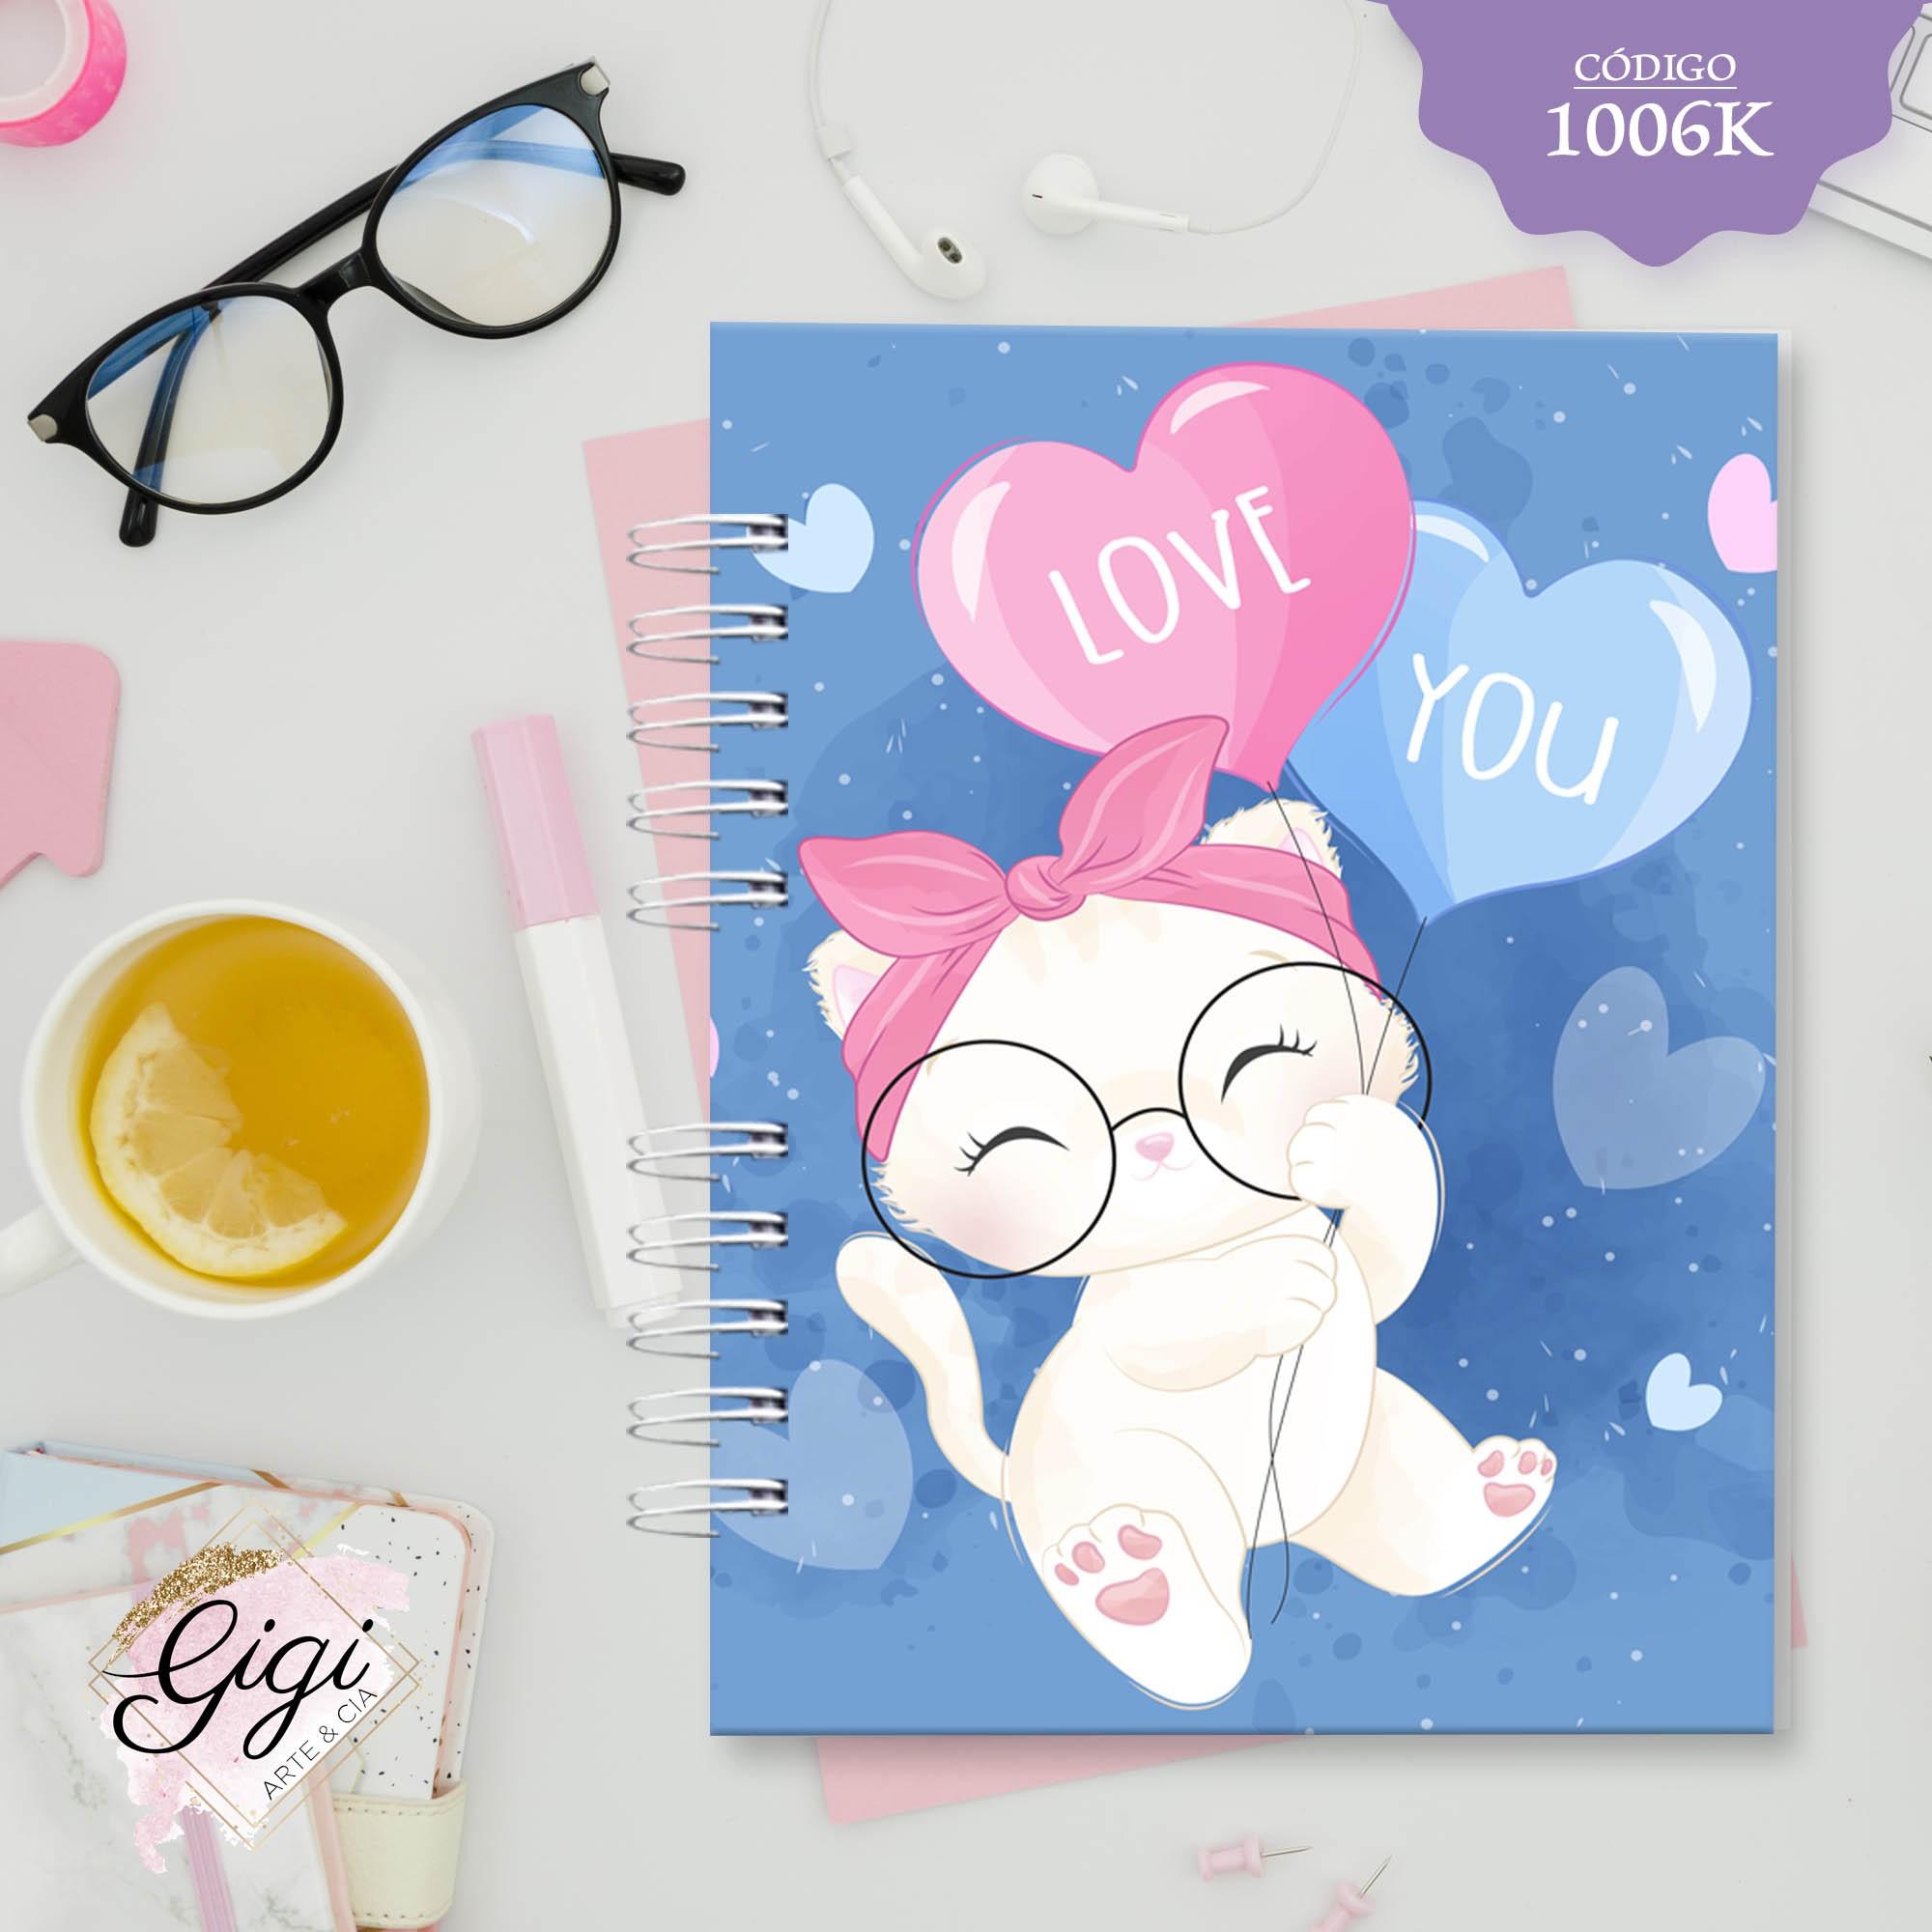 Caderno A5 Gatinho I love you  - Gigi Arte e Cia